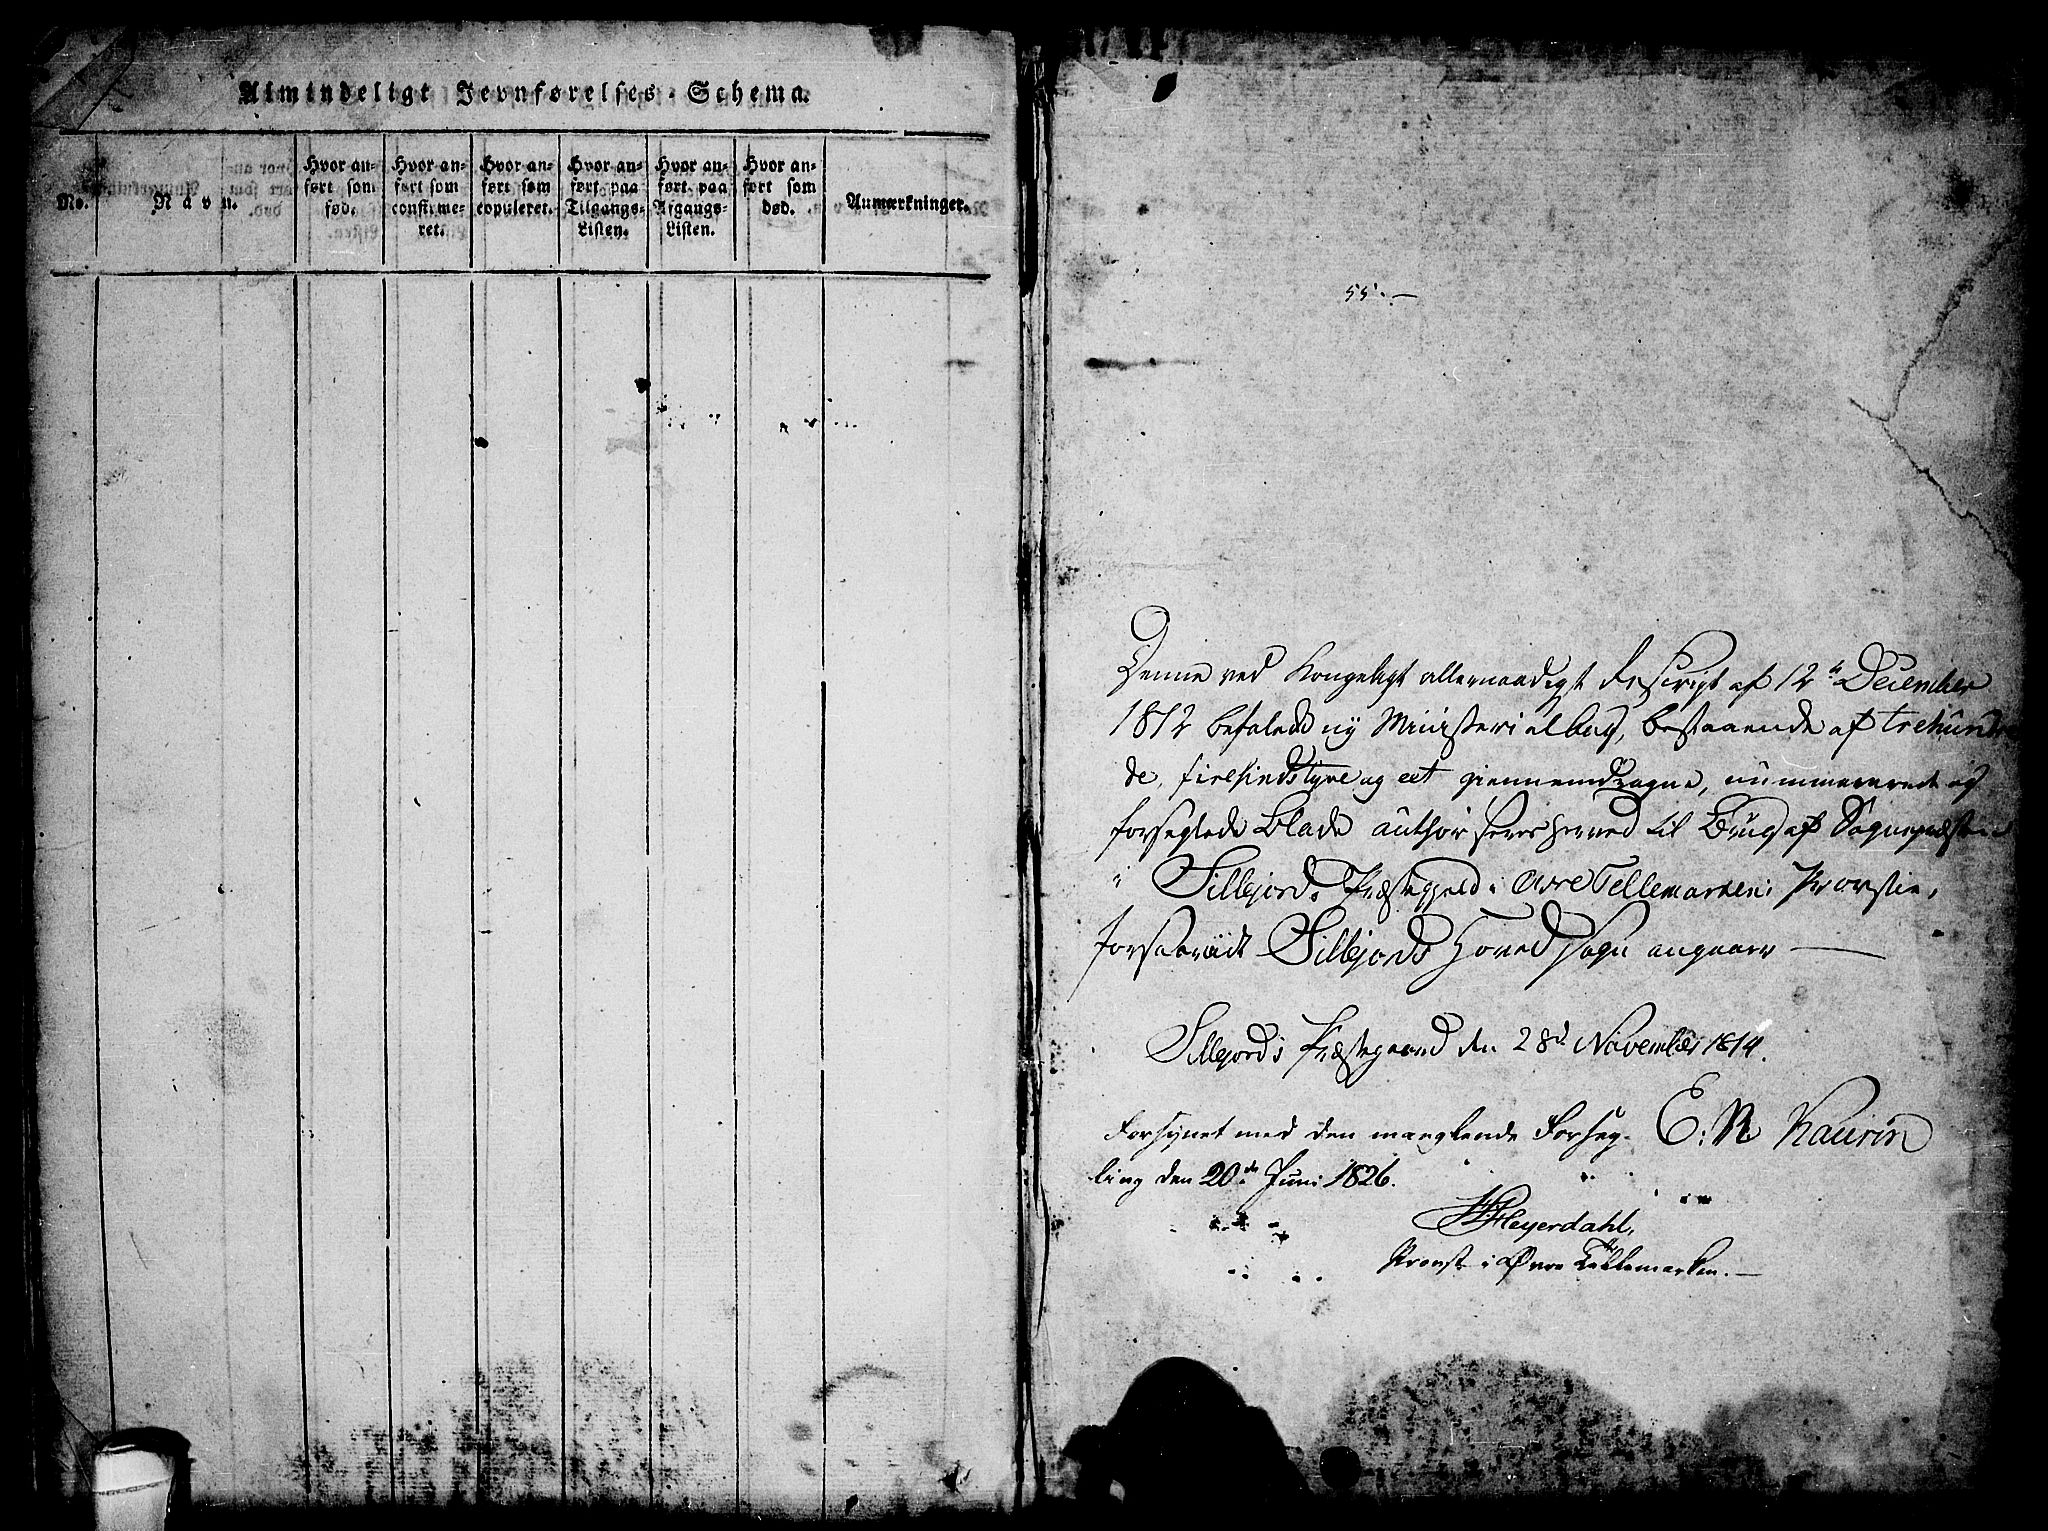 SAKO, Seljord kirkebøker, F/Fa/L0010: Ministerialbok nr. I 10, 1815-1831